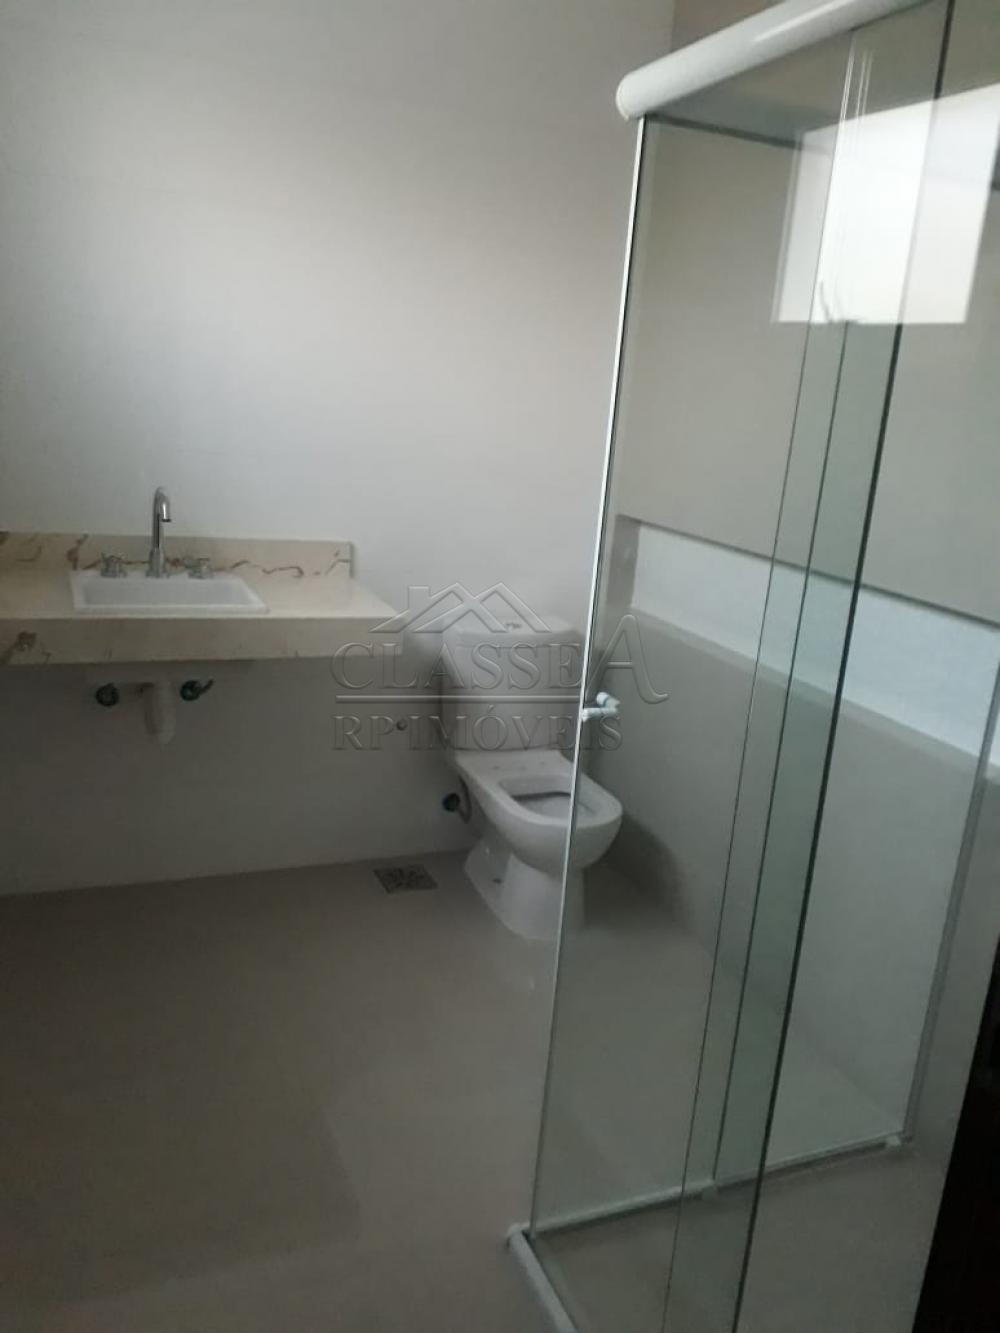 Comprar Casa / Condomínio - sobrado em Ribeirão Preto apenas R$ 1.500.000,00 - Foto 7